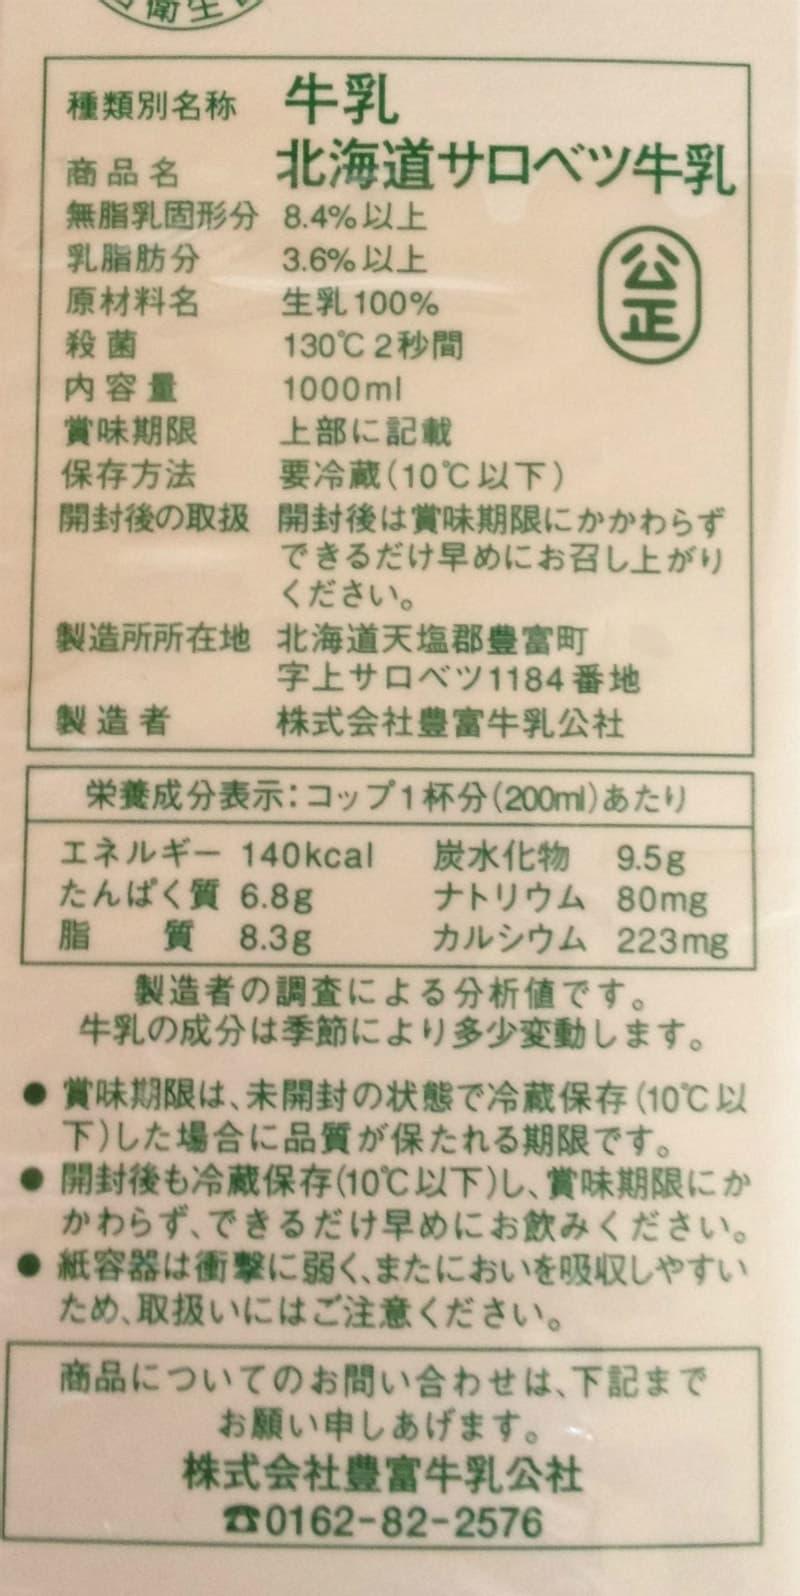 [3]が投稿した北海道サロベツ牛乳の写真